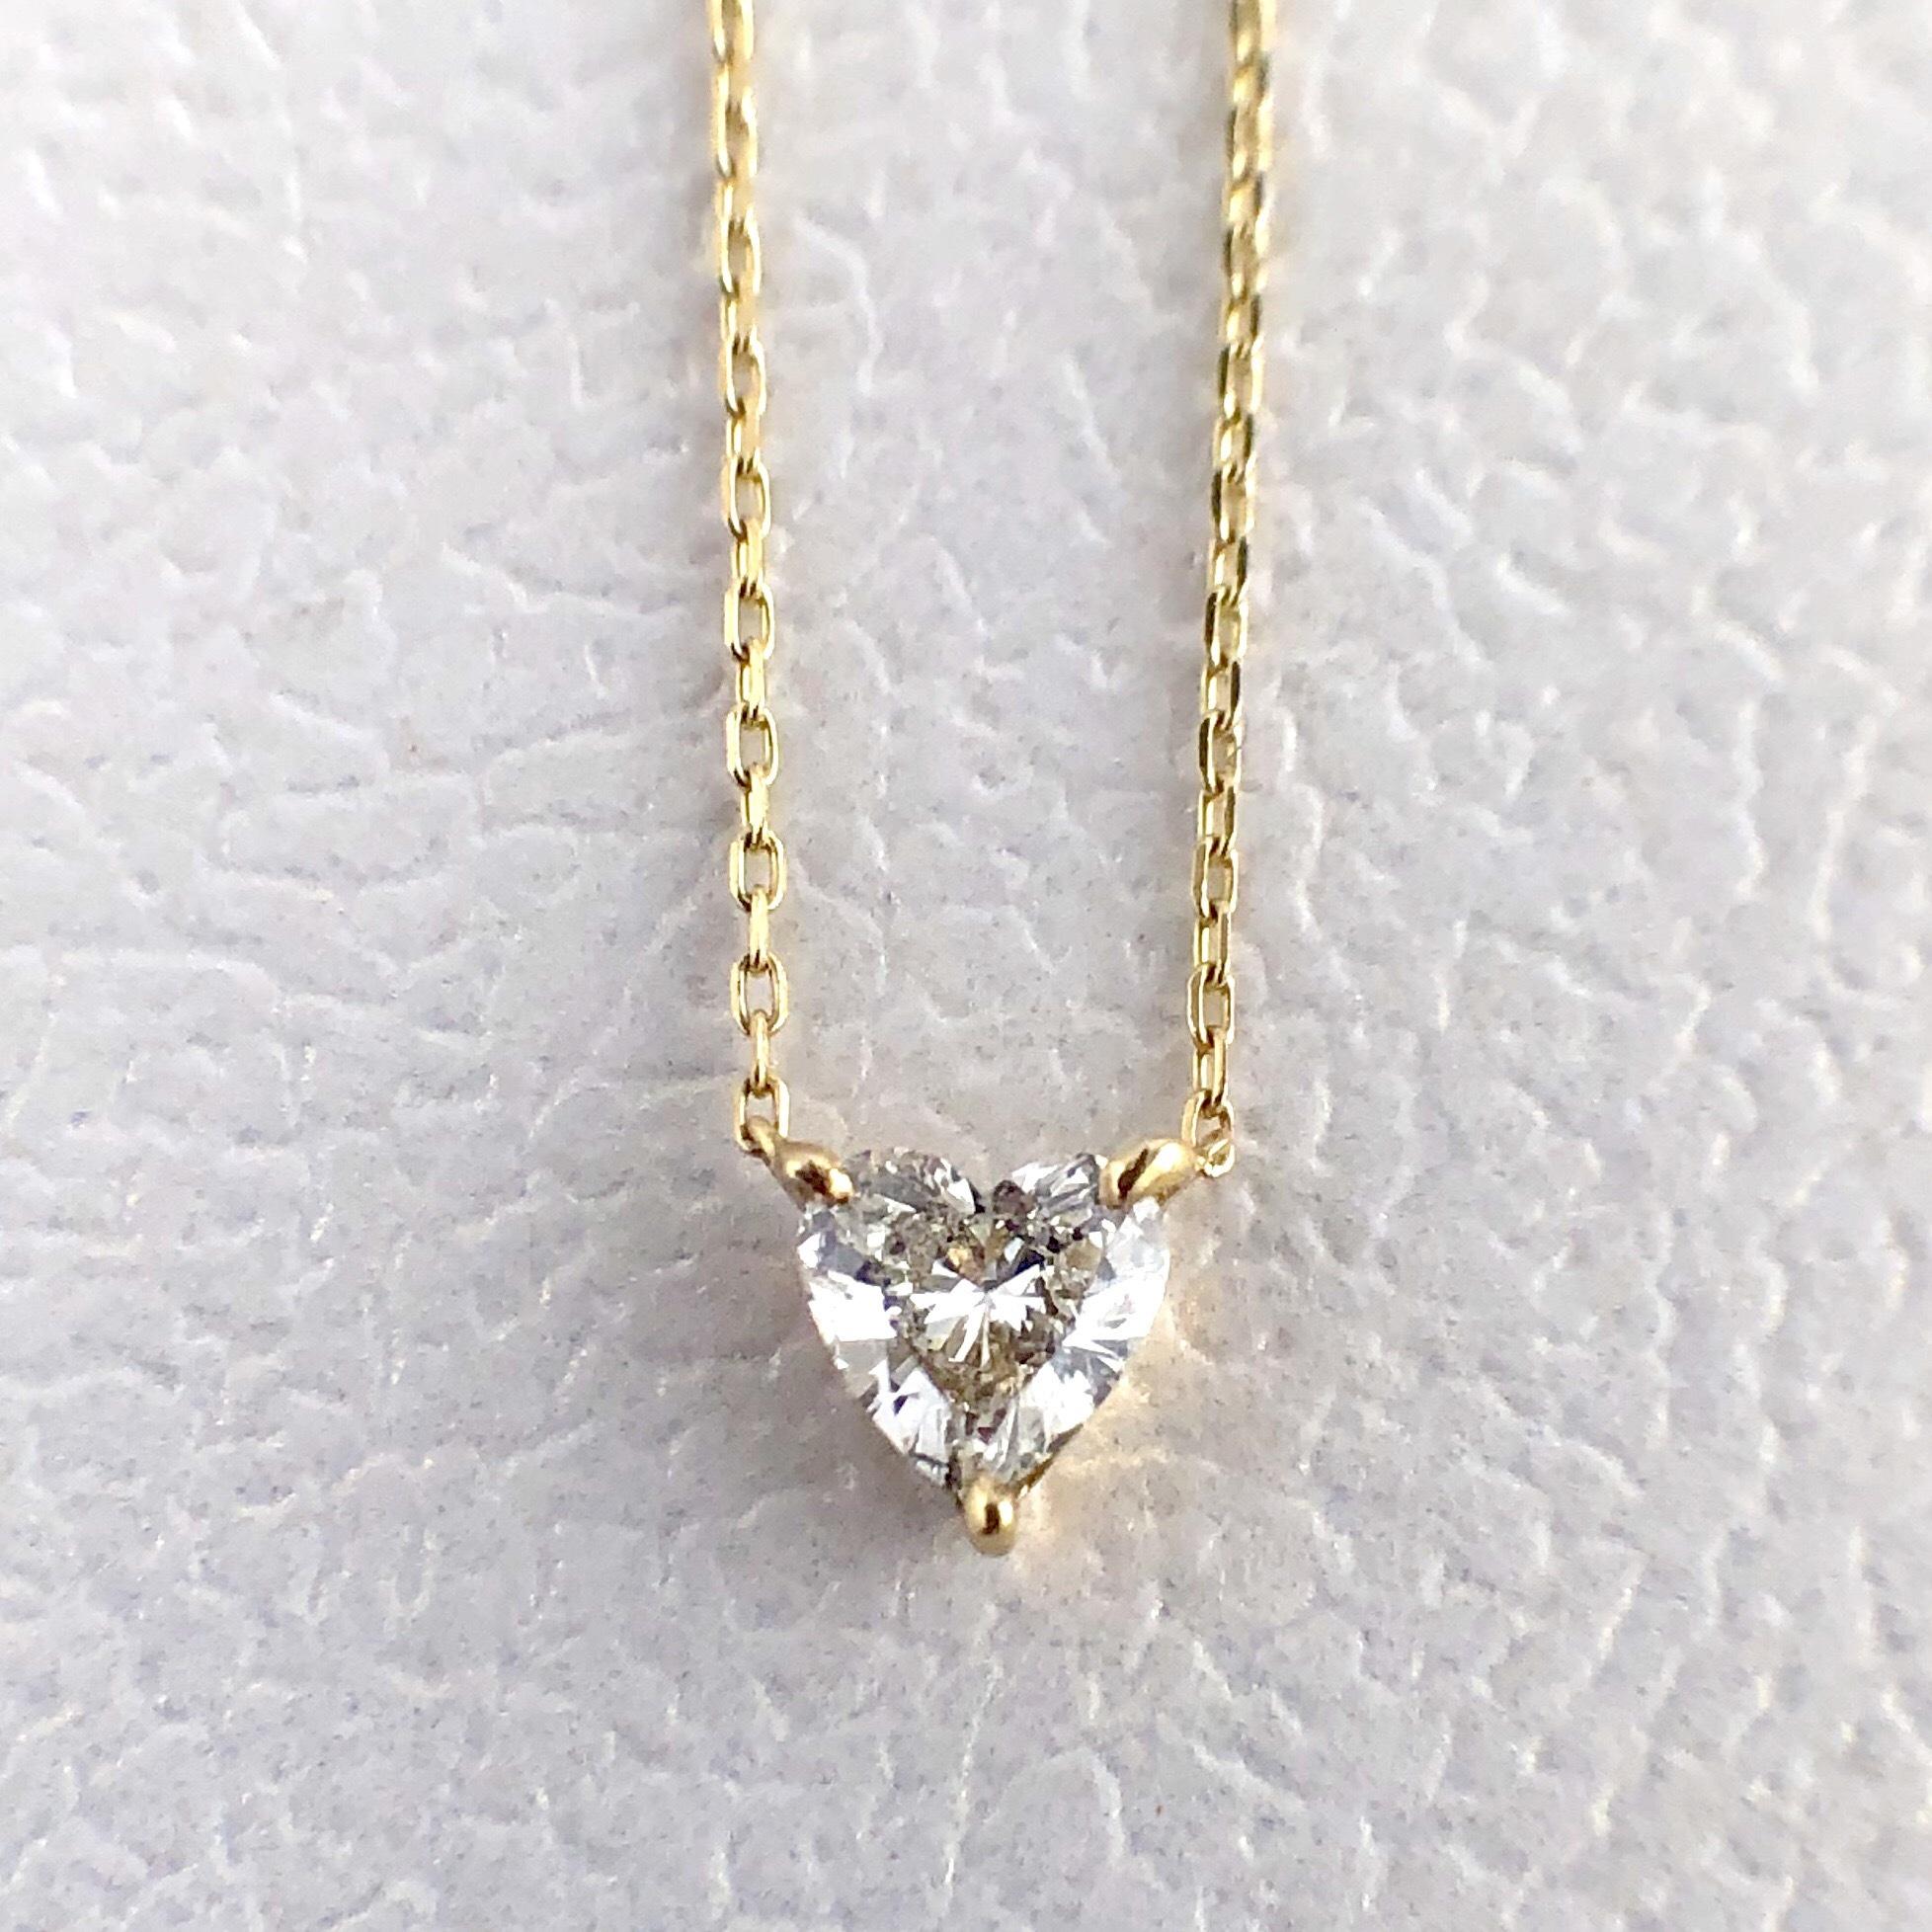 ハートシェイプカット ダイヤモンド ネックレス 0.20ct K18イエローゴールド  チェカ 鑑別書付